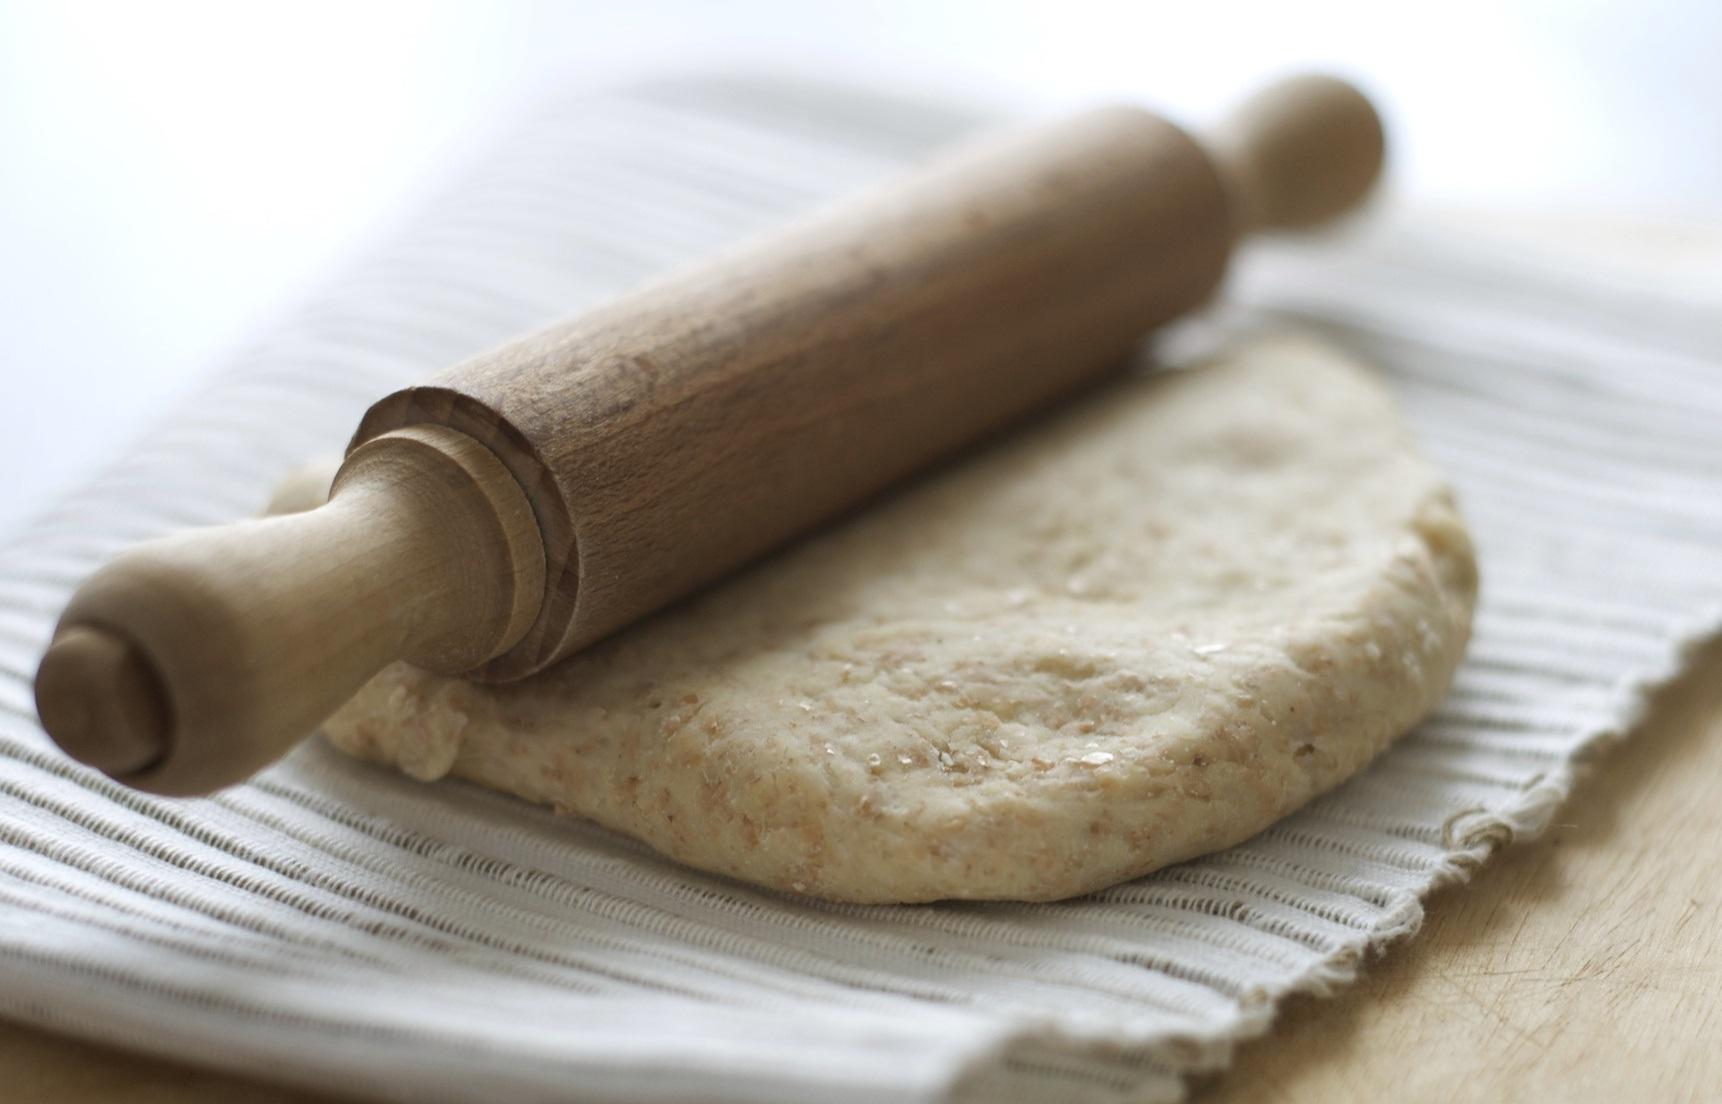 Il pane fatto con il lievito madre acquista caratteristiche uniche